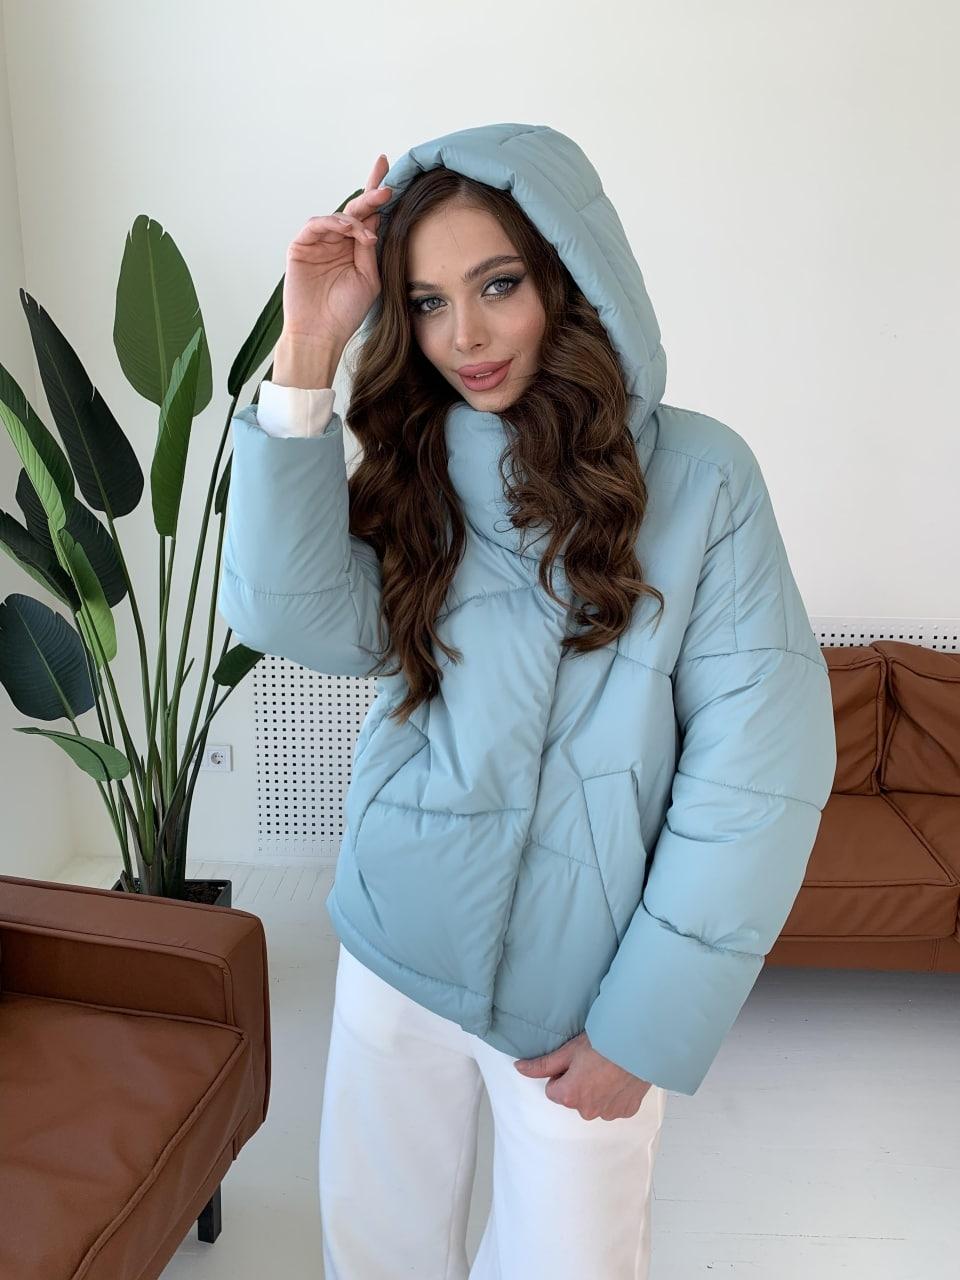 Уно short куртка из плащевой ткани Ammy 10927 АРТ. 47401 Цвет: Олива - фото 3, интернет магазин tm-modus.ru